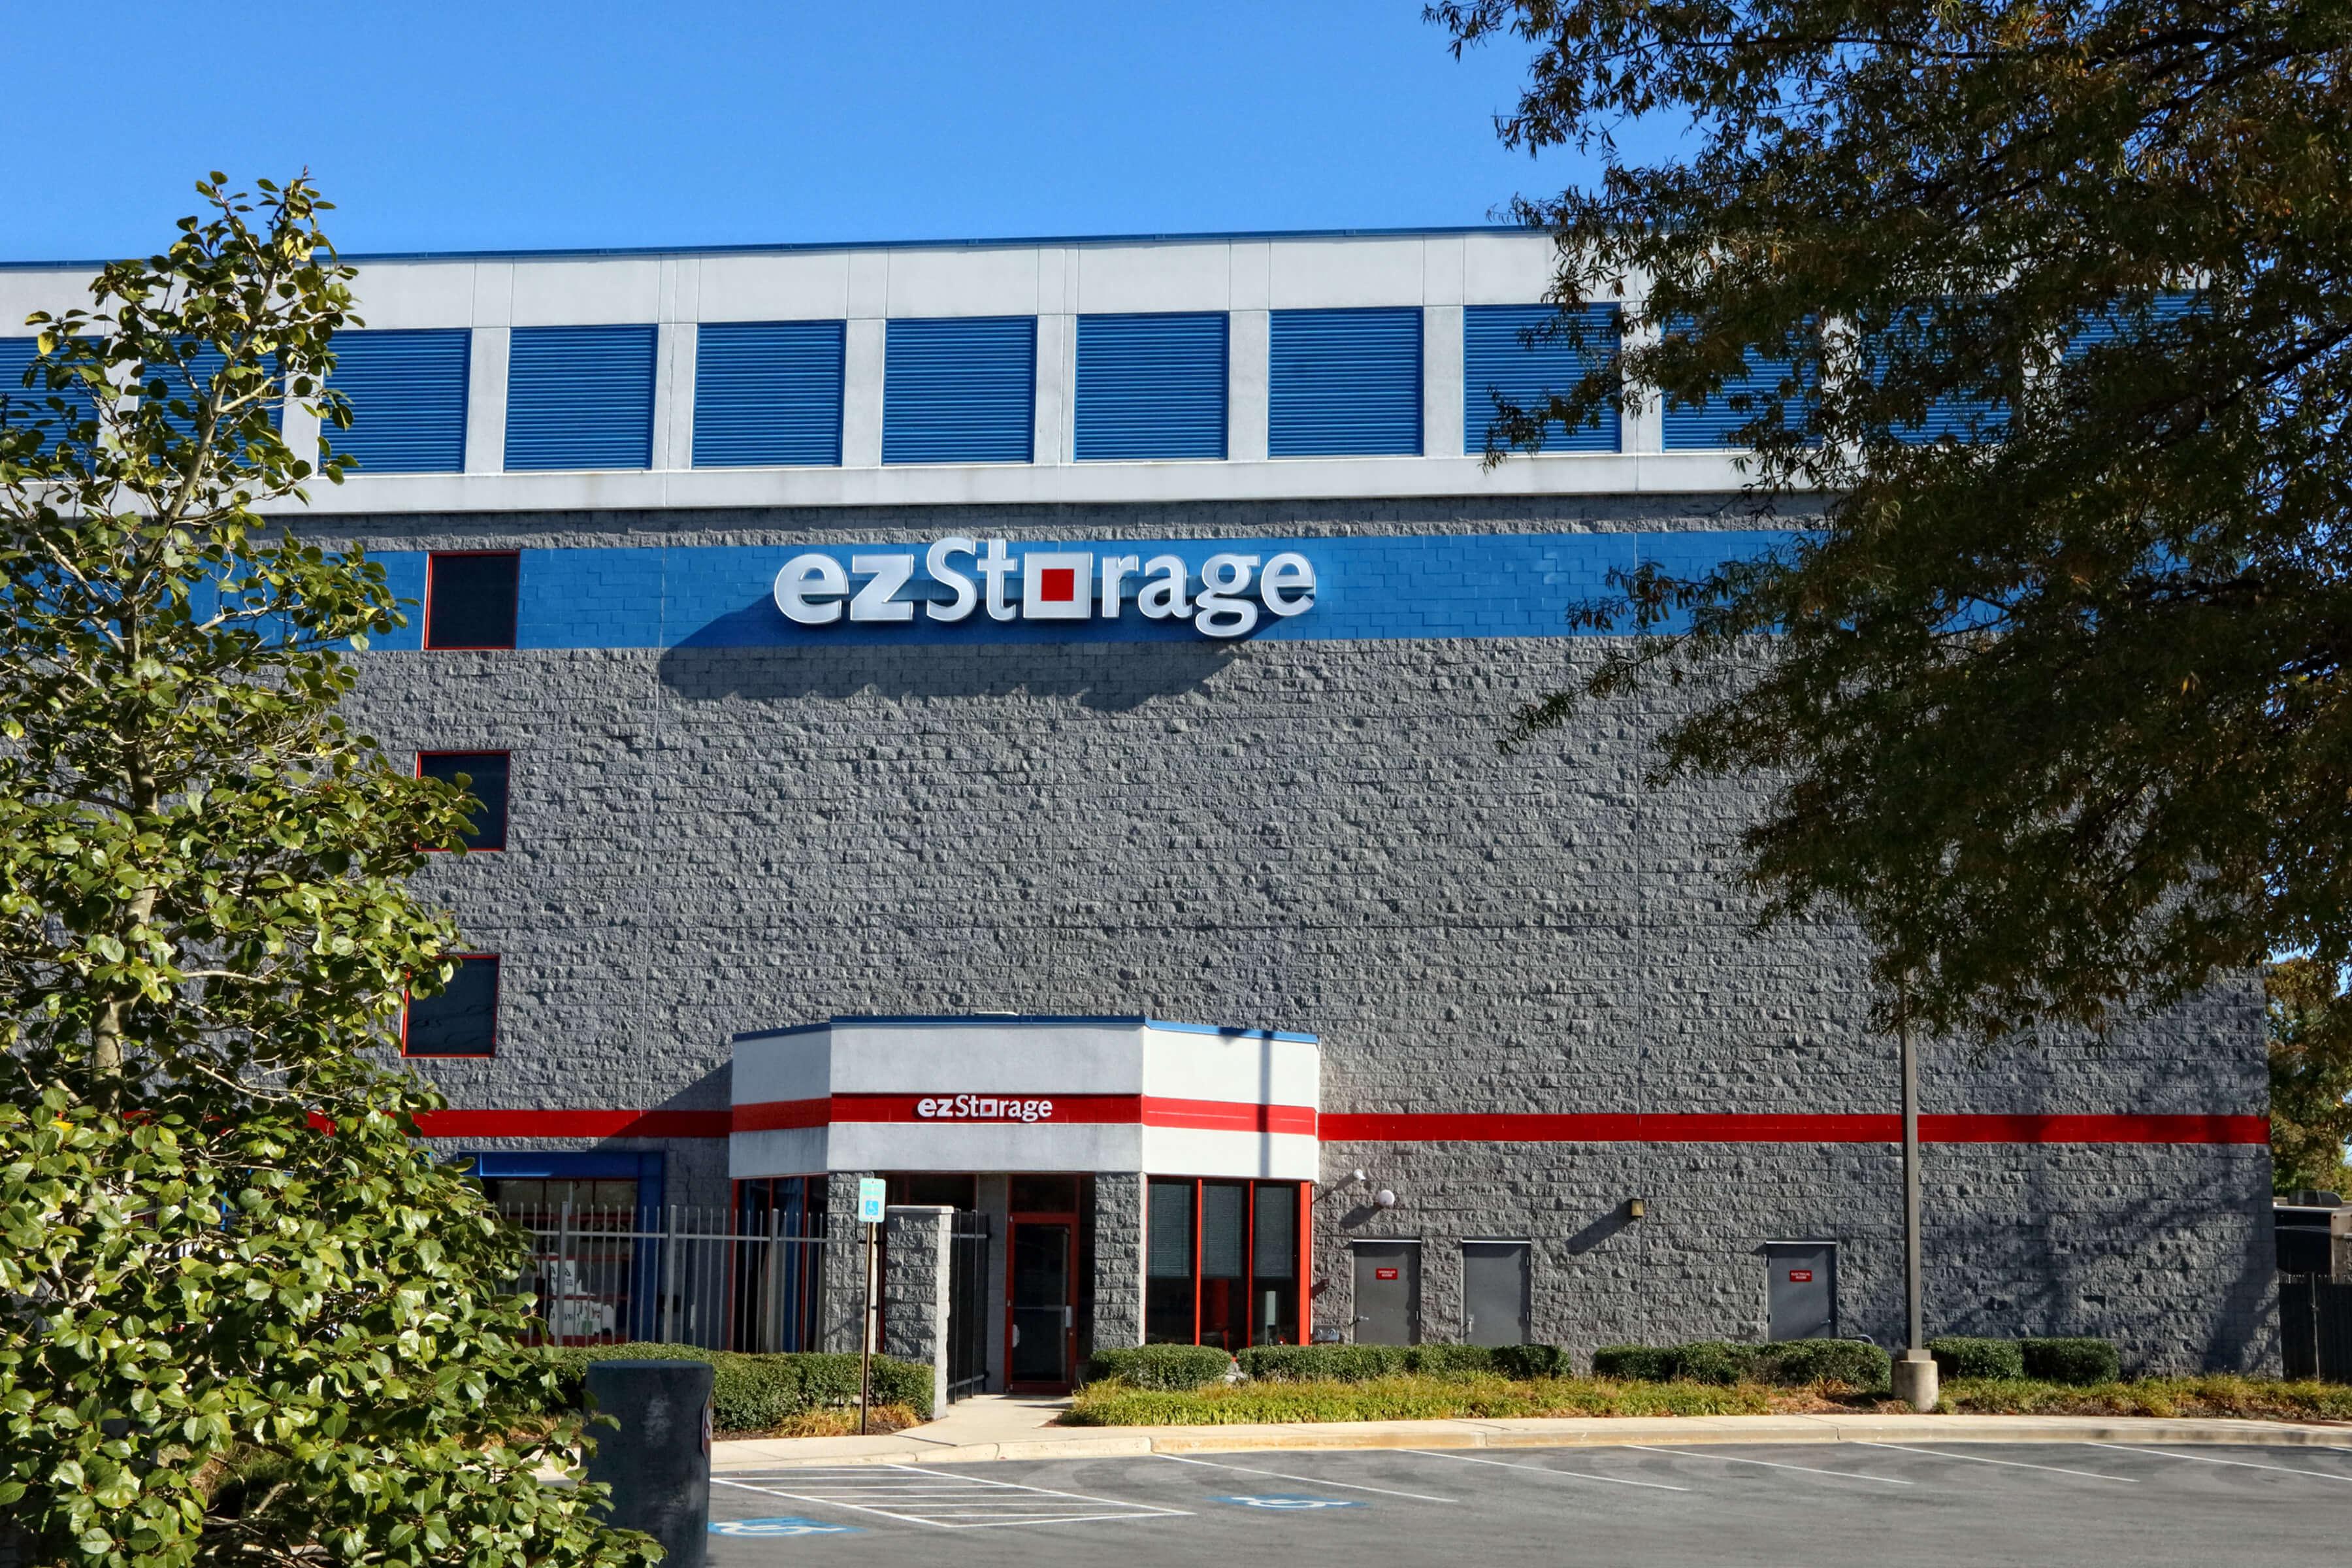 ezStorage image 5